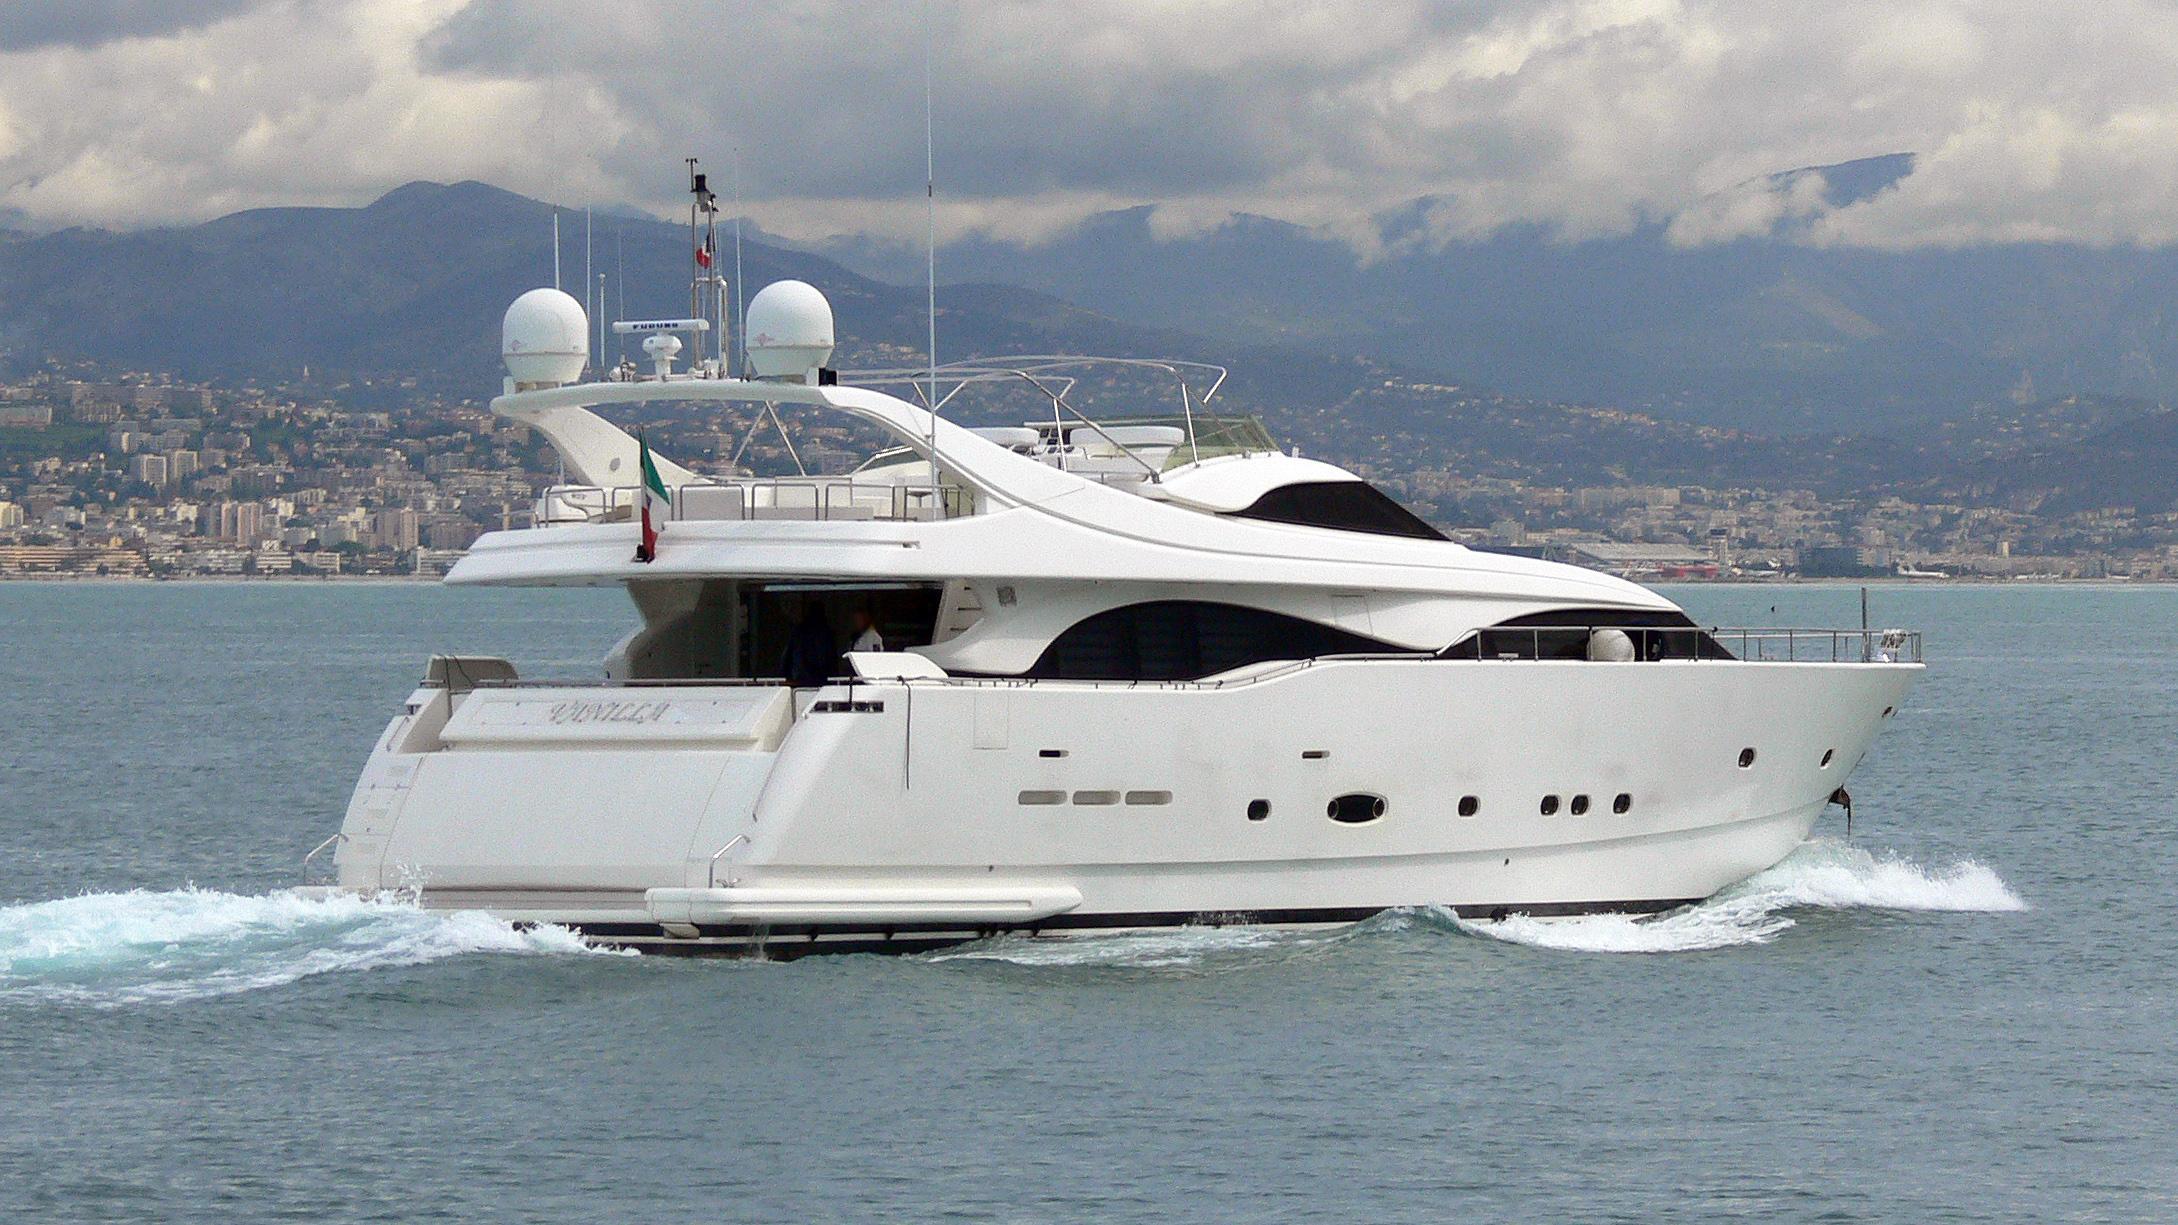 lady-vanilla-motor-yacht-ferretti-custom-line-94-2002-29m-cruising